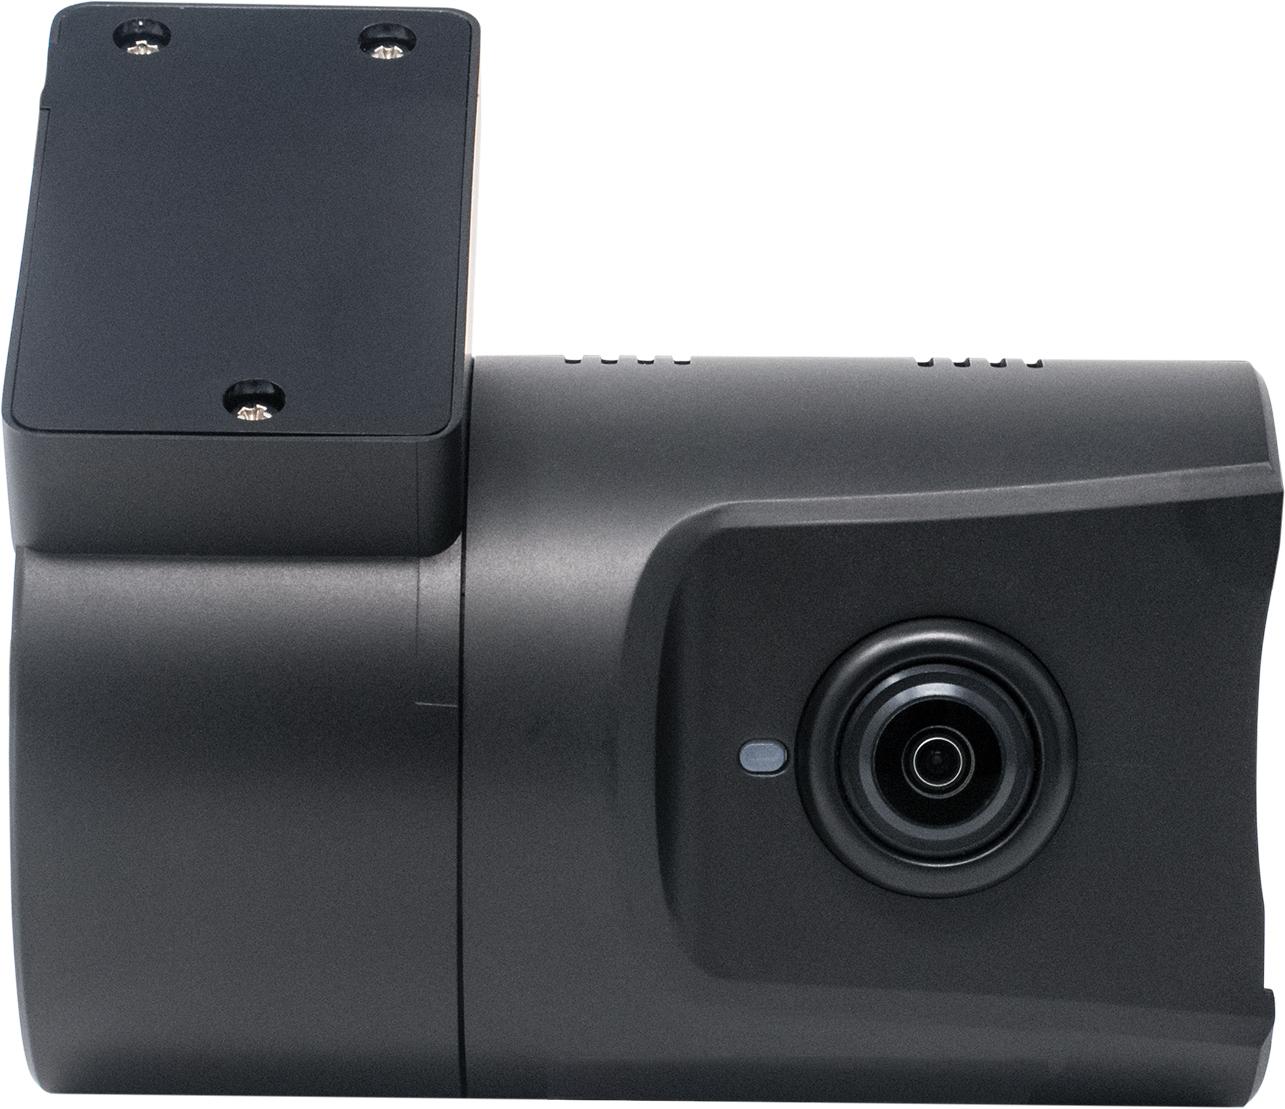 Forward facing vehicle camera